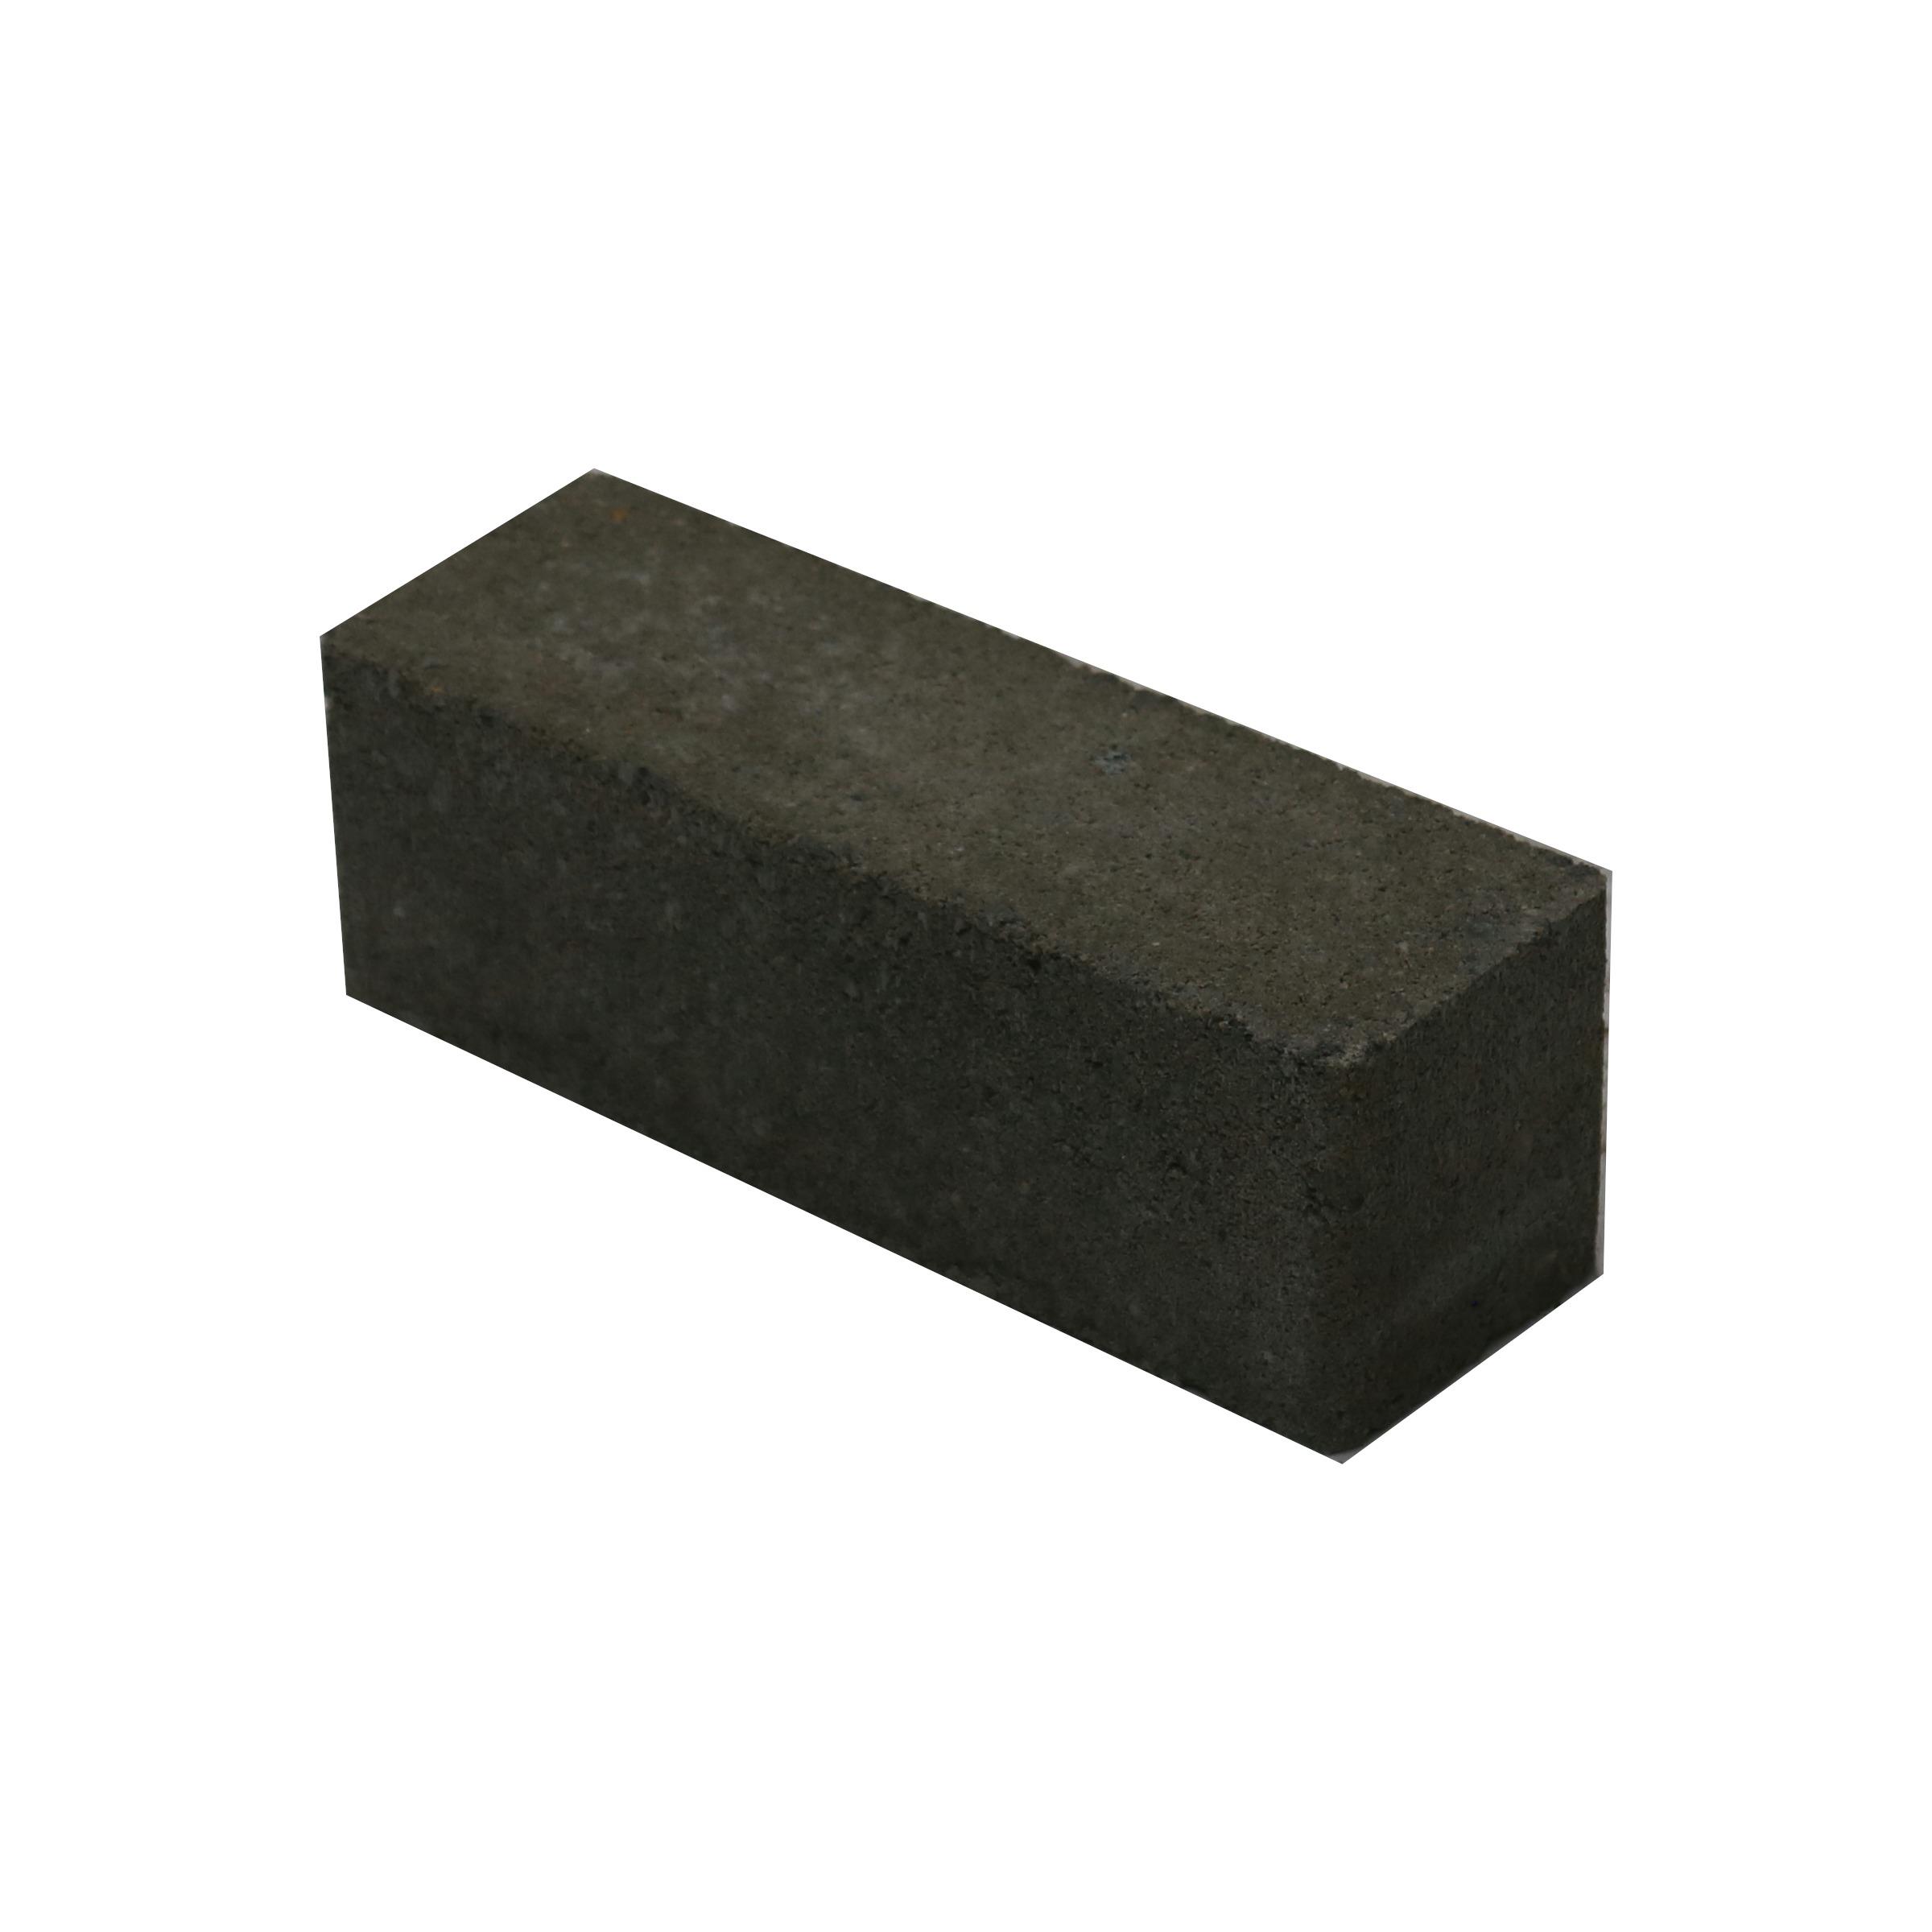 Klinker Beton Grijs Dikformaat 21x7x7 cm - 459 Klinkers - 4,59 m2